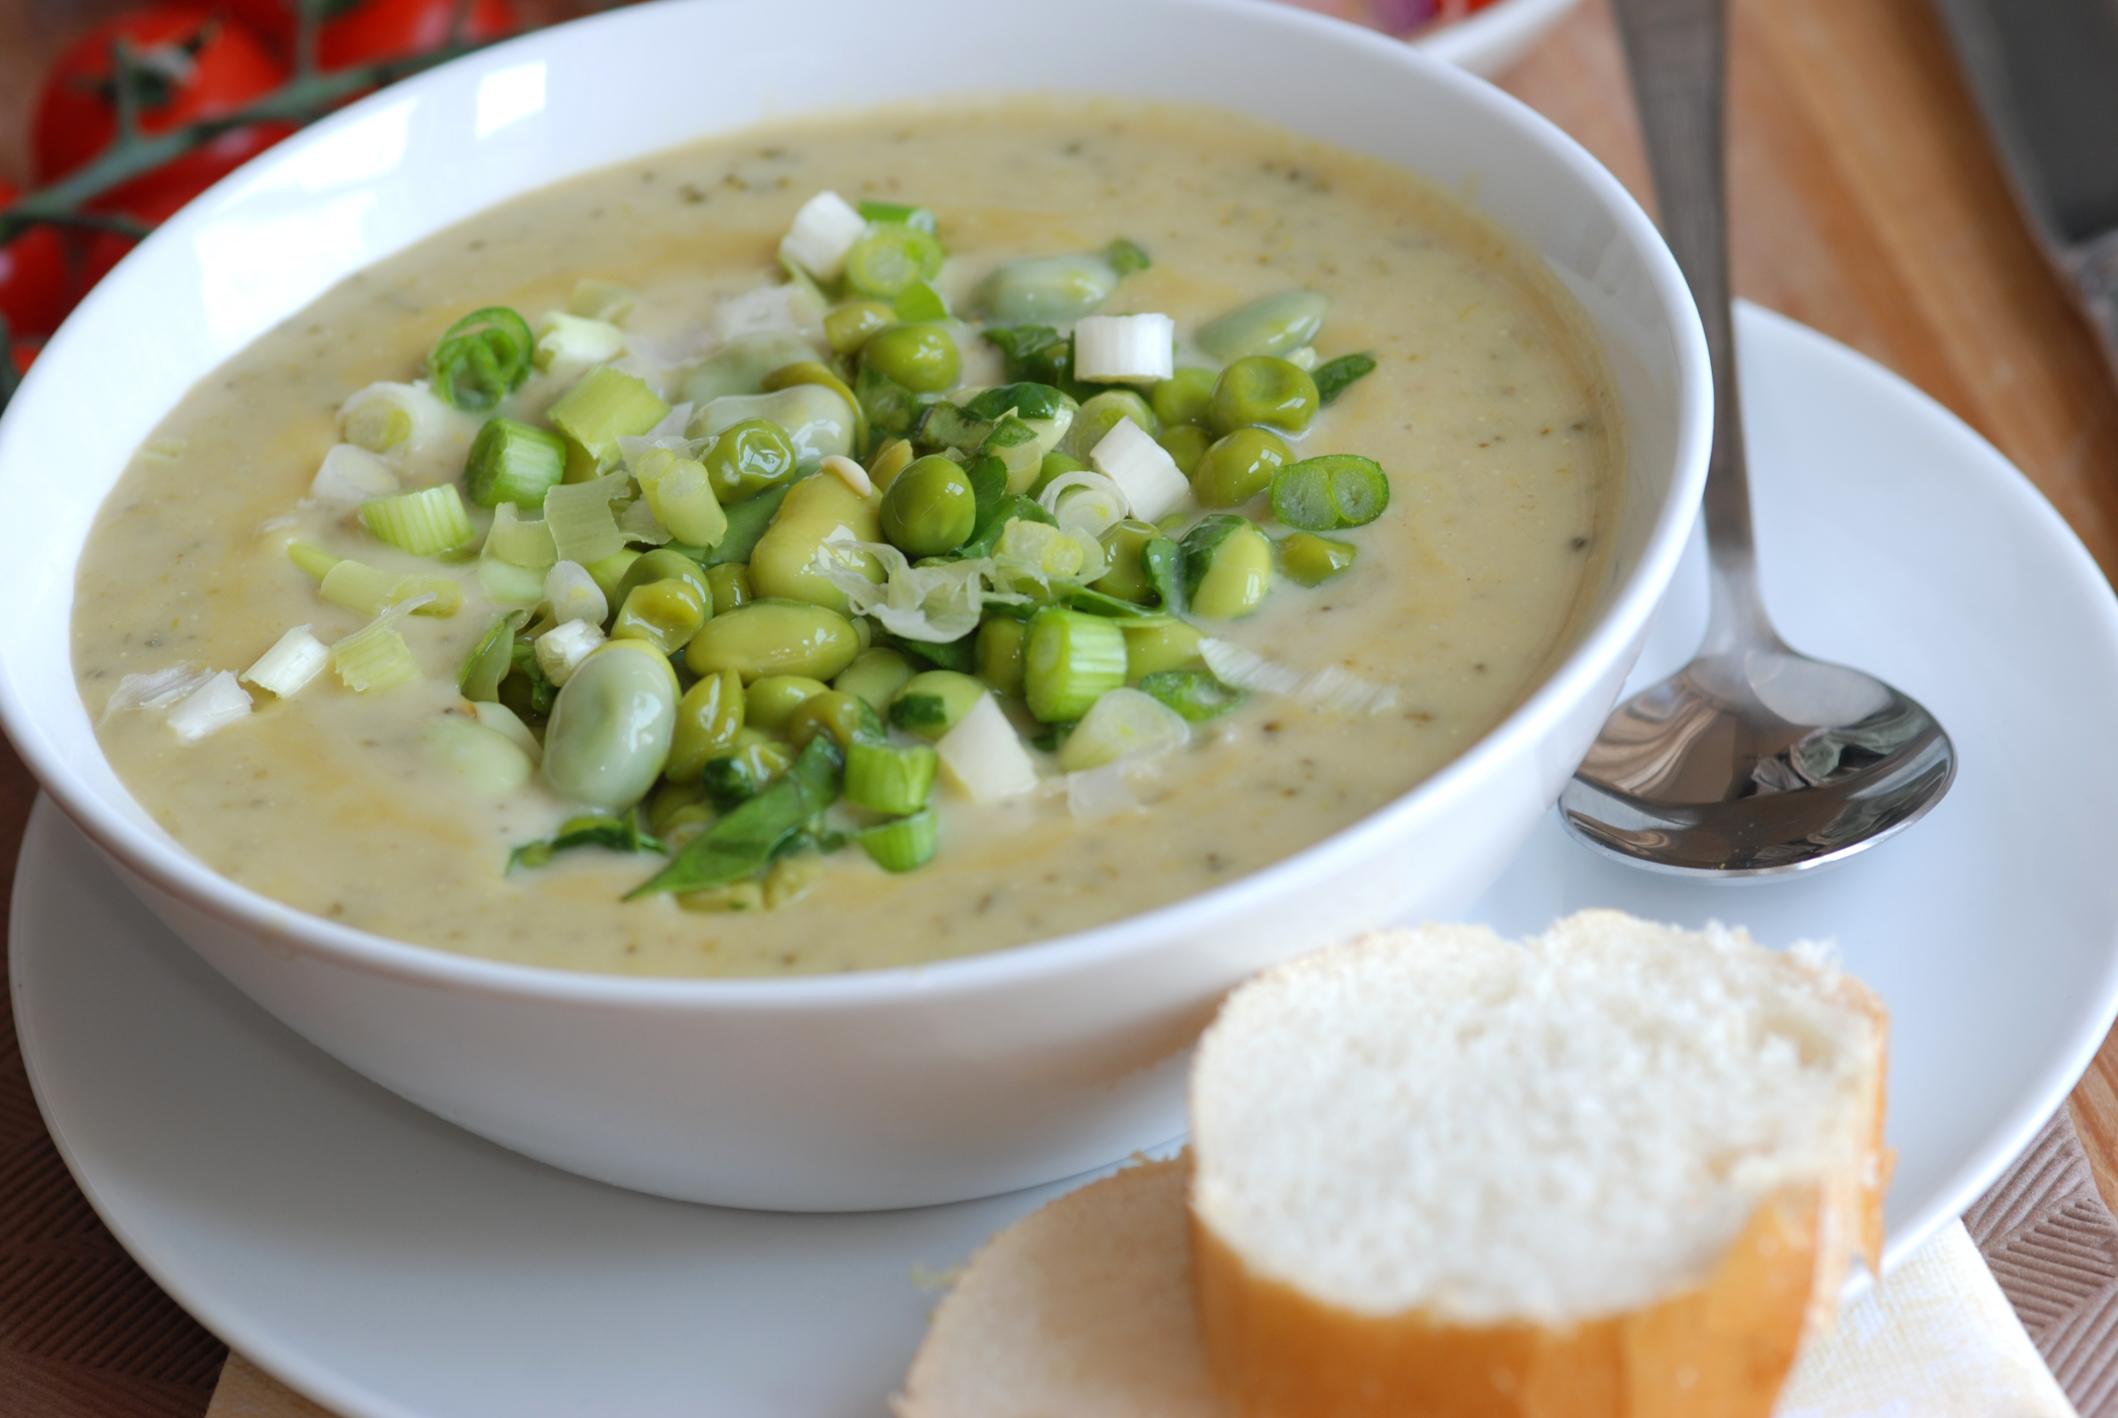 Edamame and pea soup